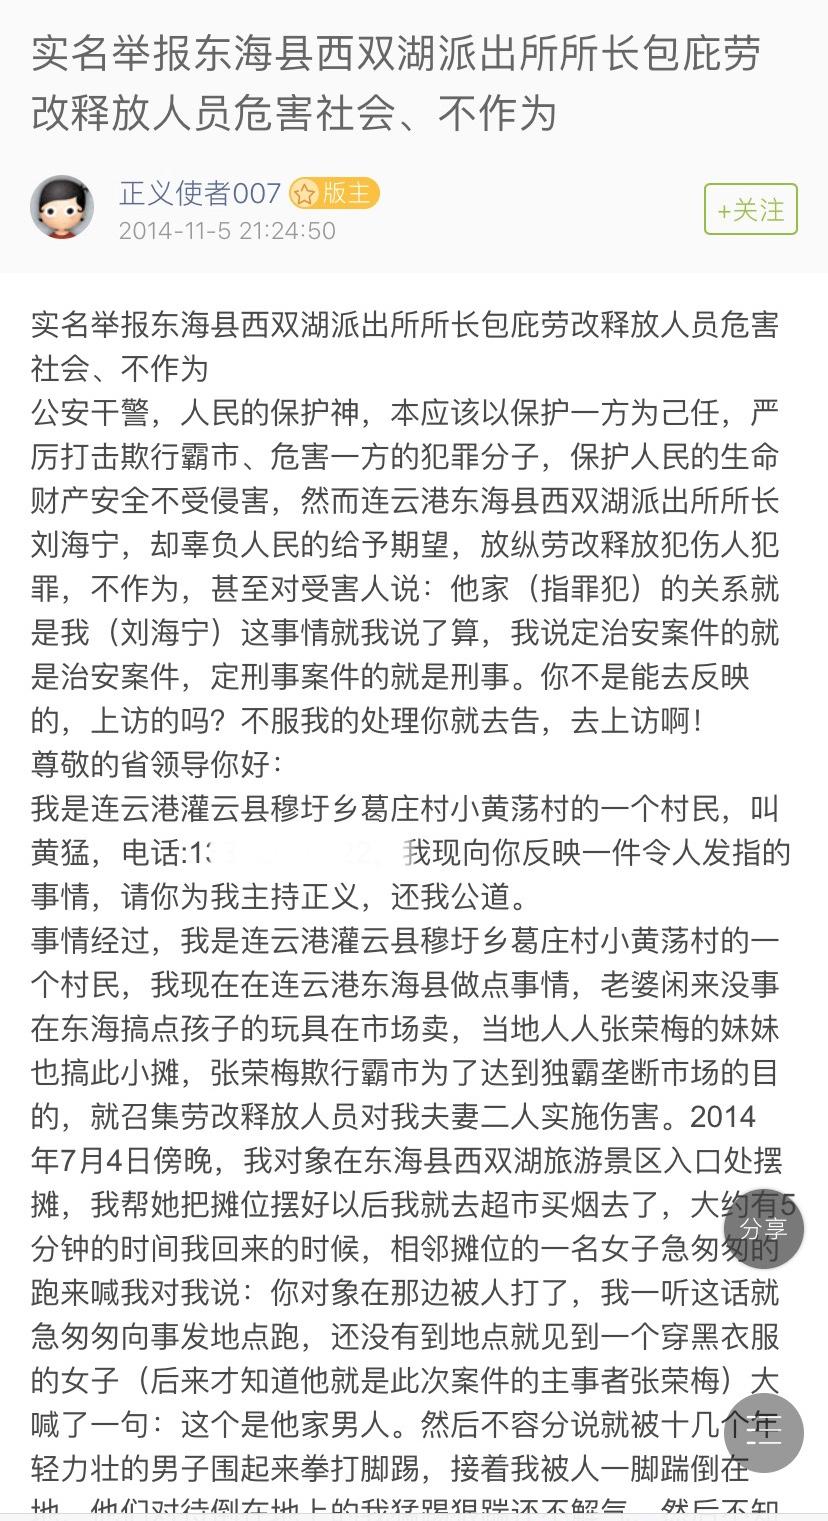 2014年劉海寧曾遭到某村民實名舉報。(網絡截圖)